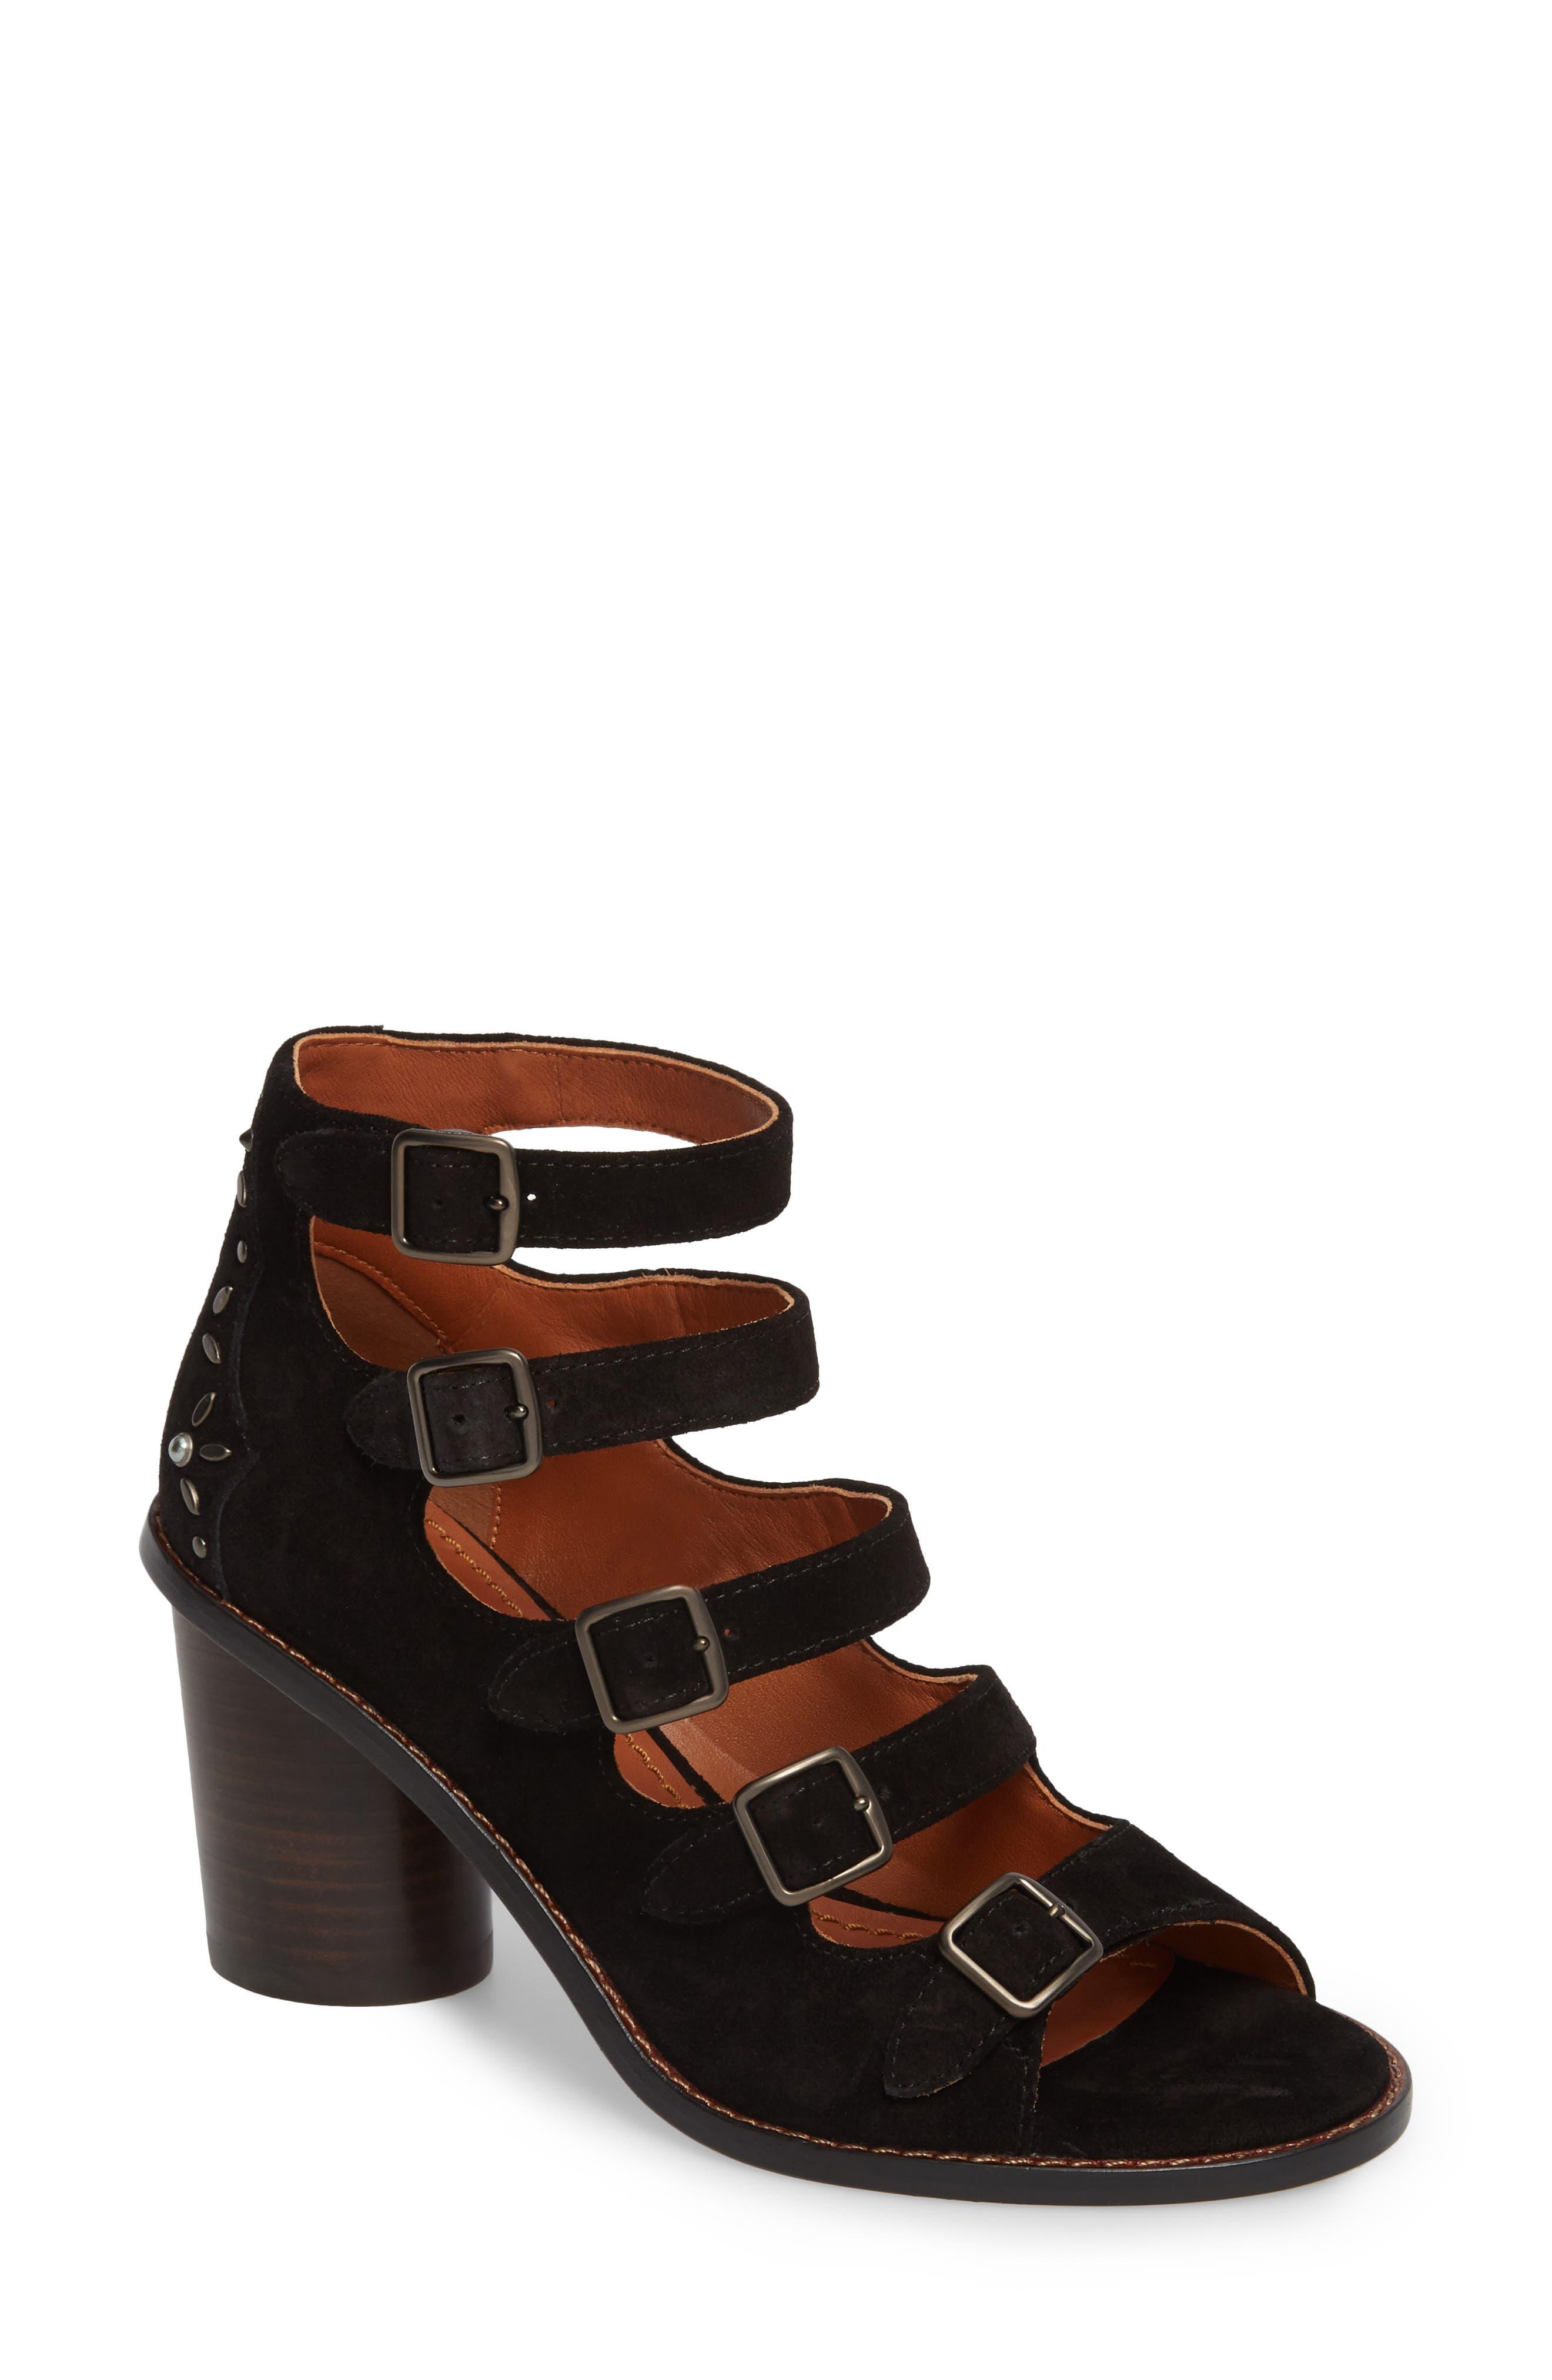 Prairie Rivet Buckle Sandal,                             Main thumbnail 1, color,                             Black Suede